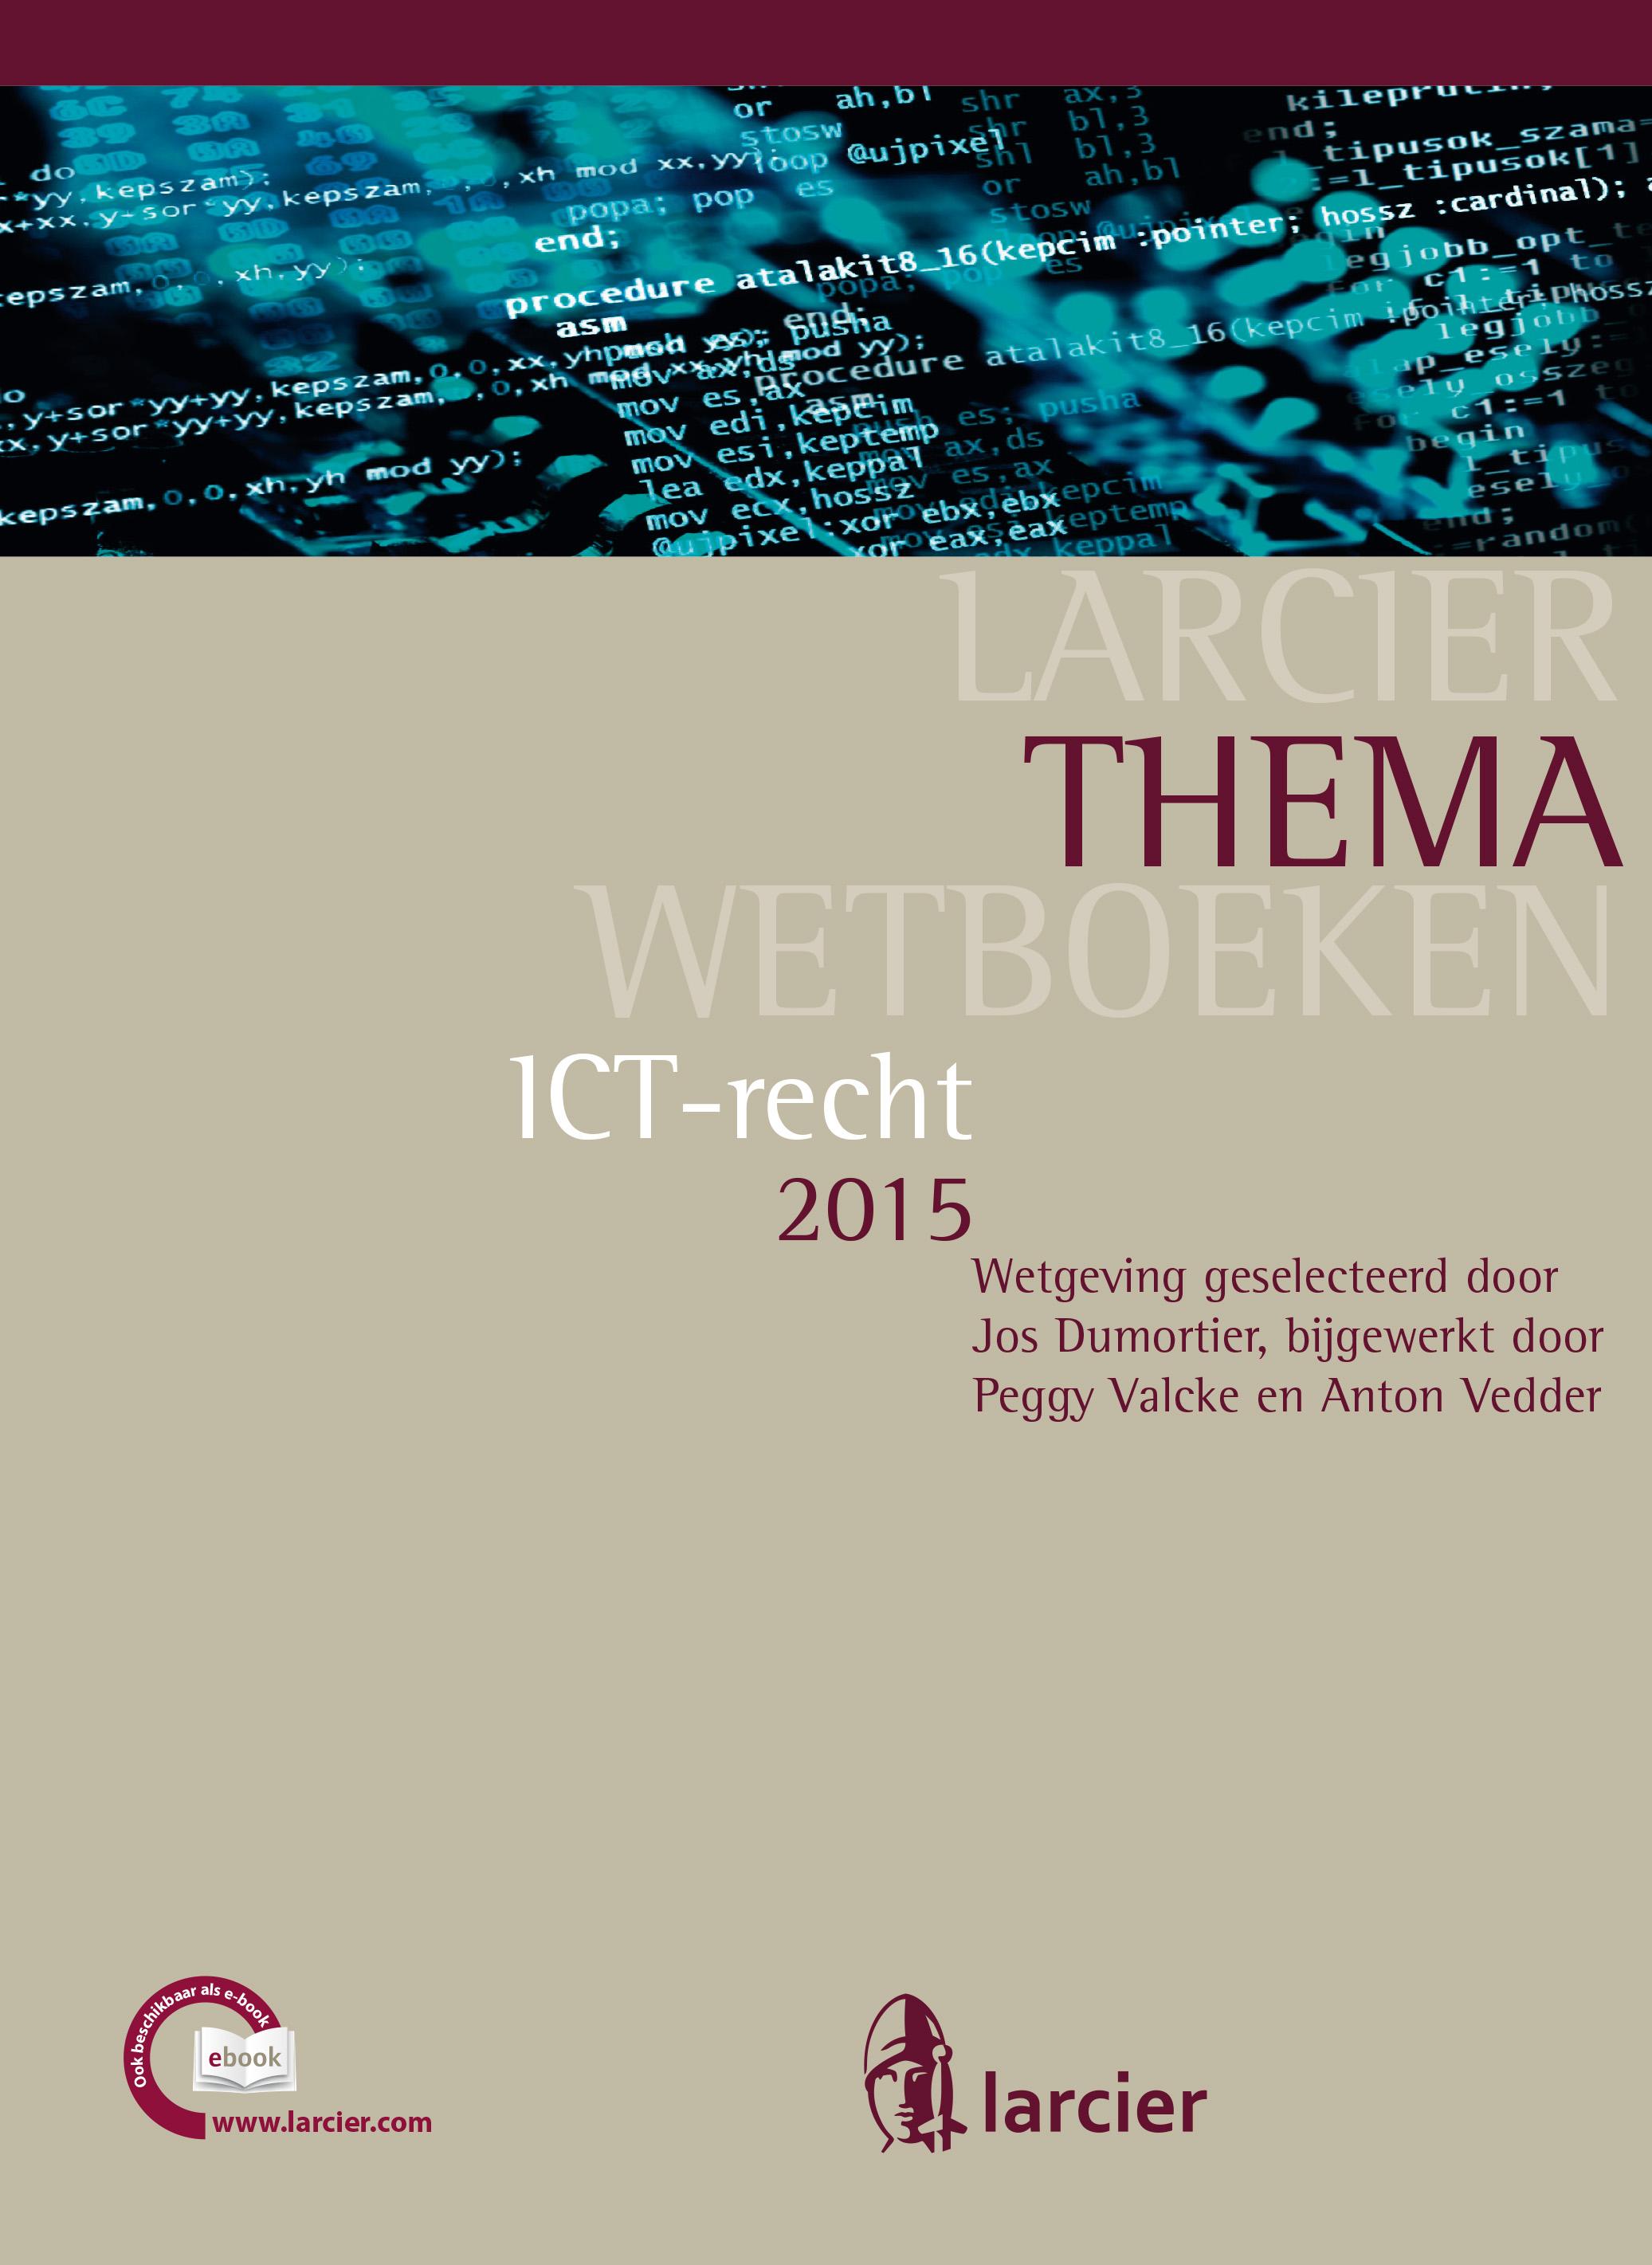 ICT-recht